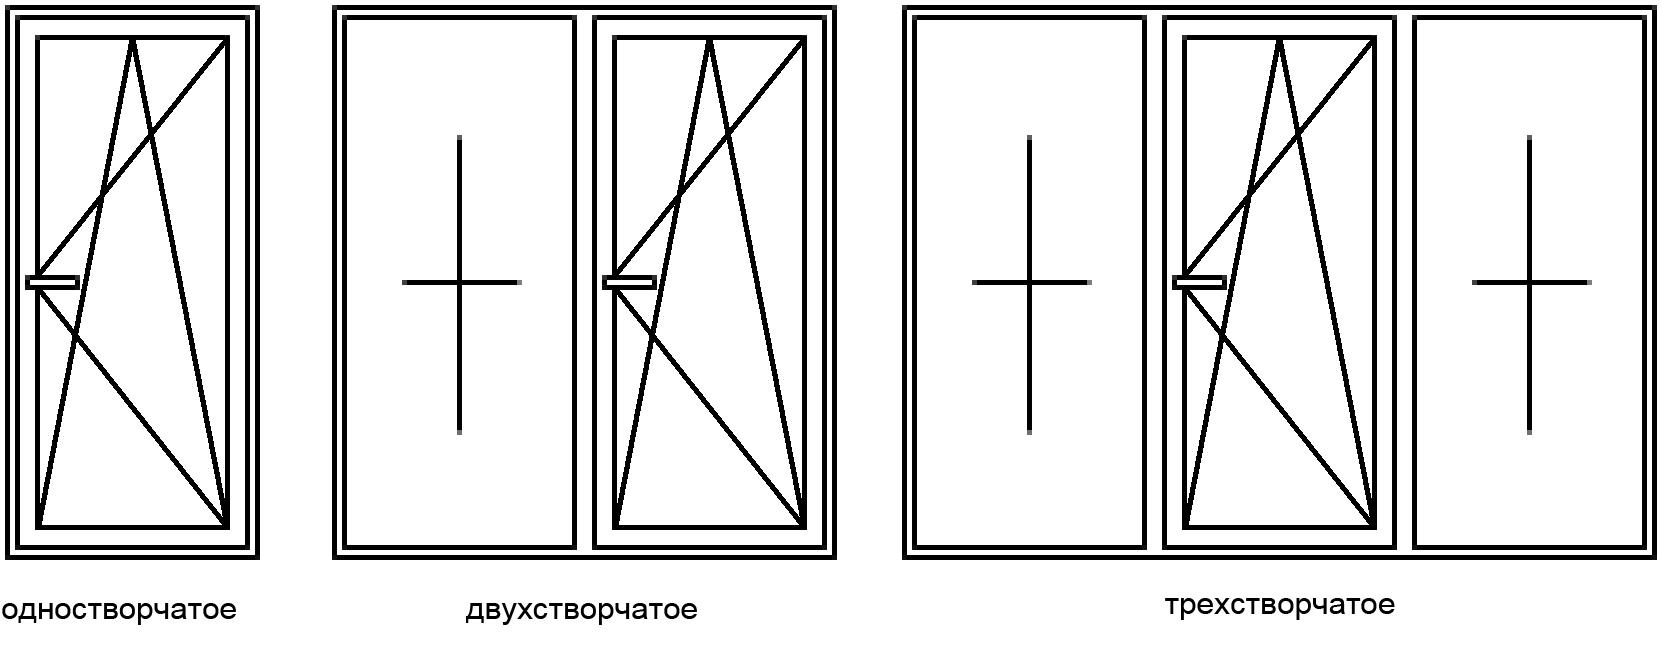 виде картинки для перевода на пластиковые окна локоны